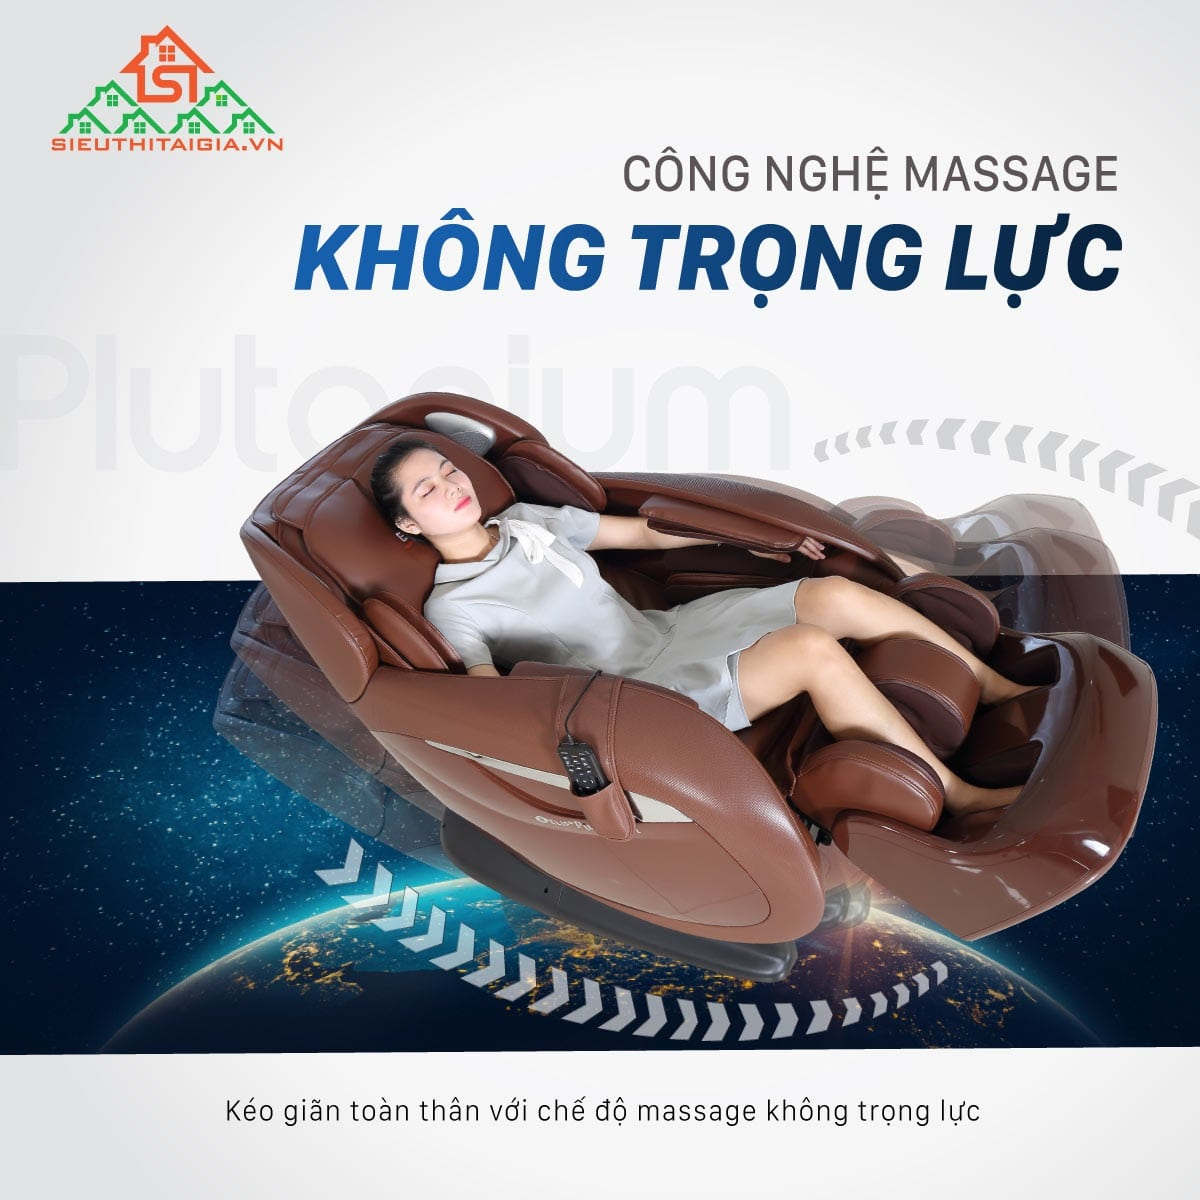 Ghế massage sở hữu công nghệ không trọng lực giúp bạn thư giãn toàn thân